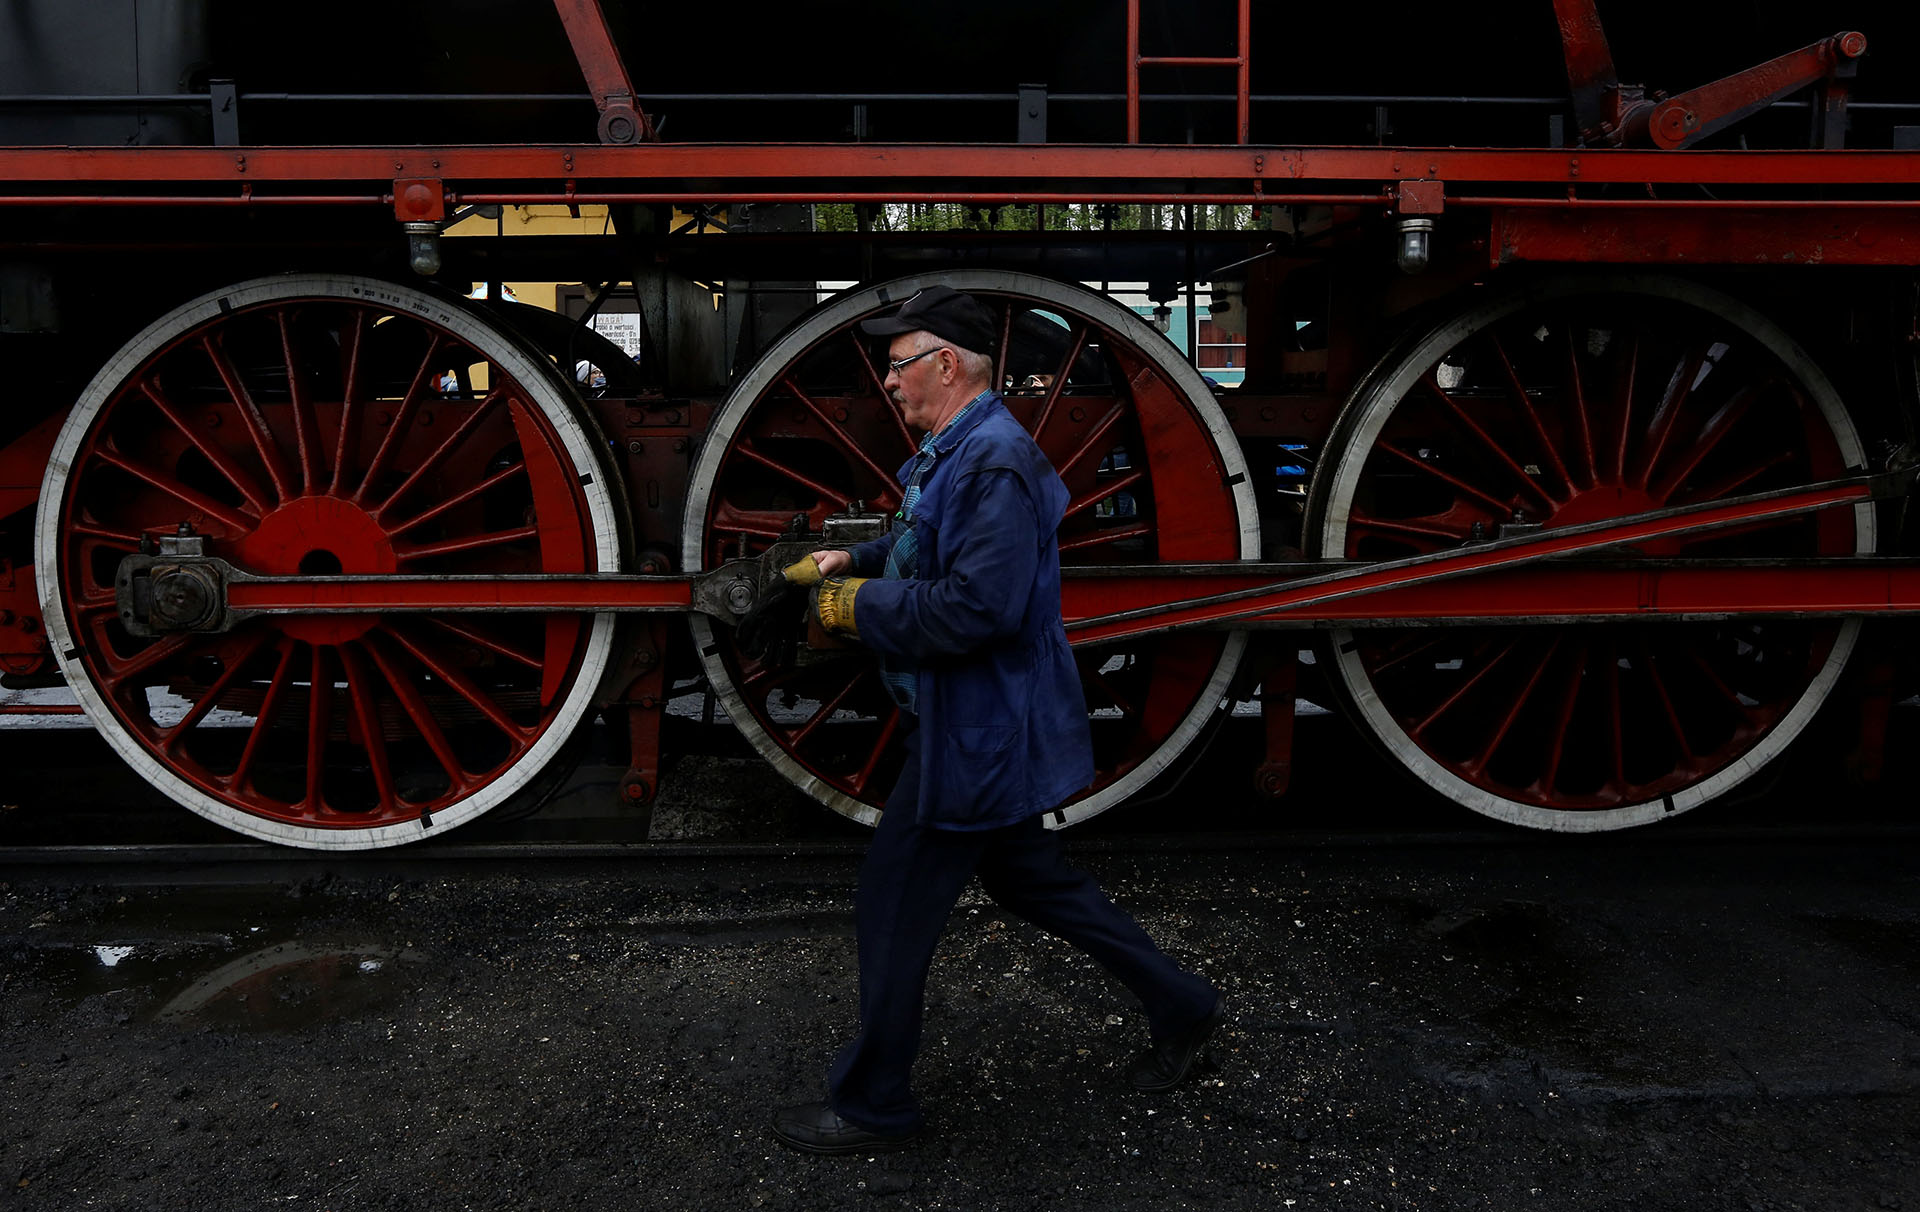 Un hombre camina cerca de una locomotora